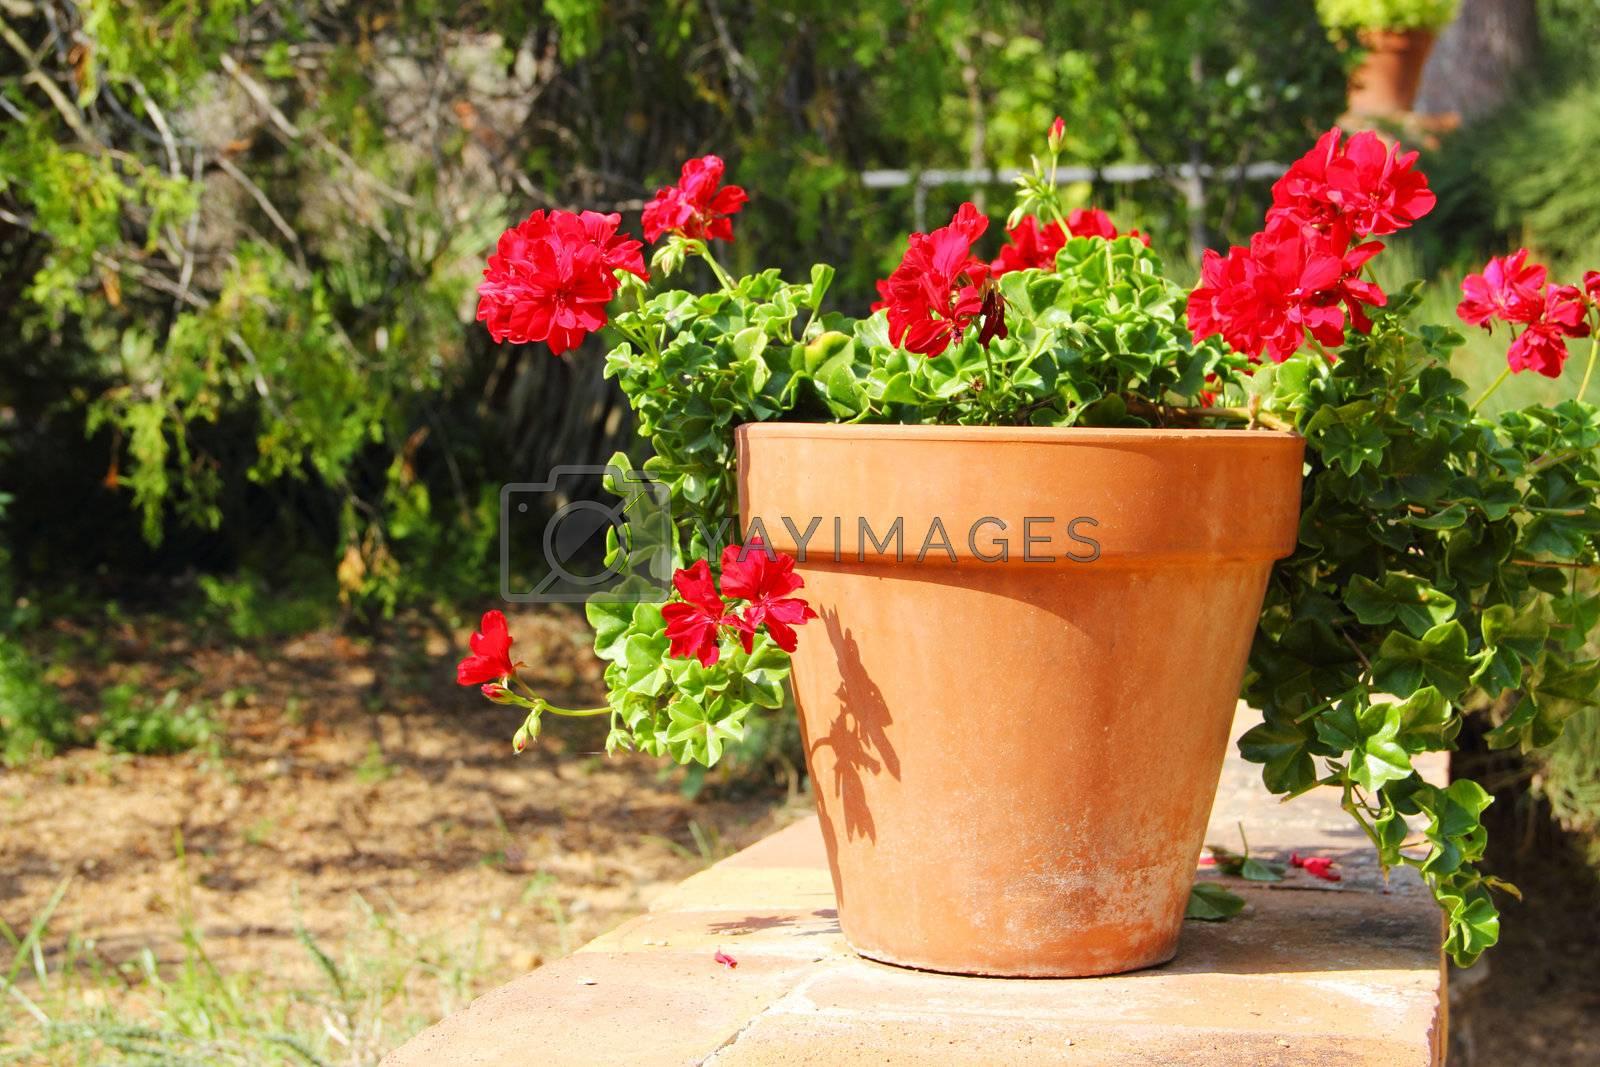 Red flower in pot standing in garden outdoors